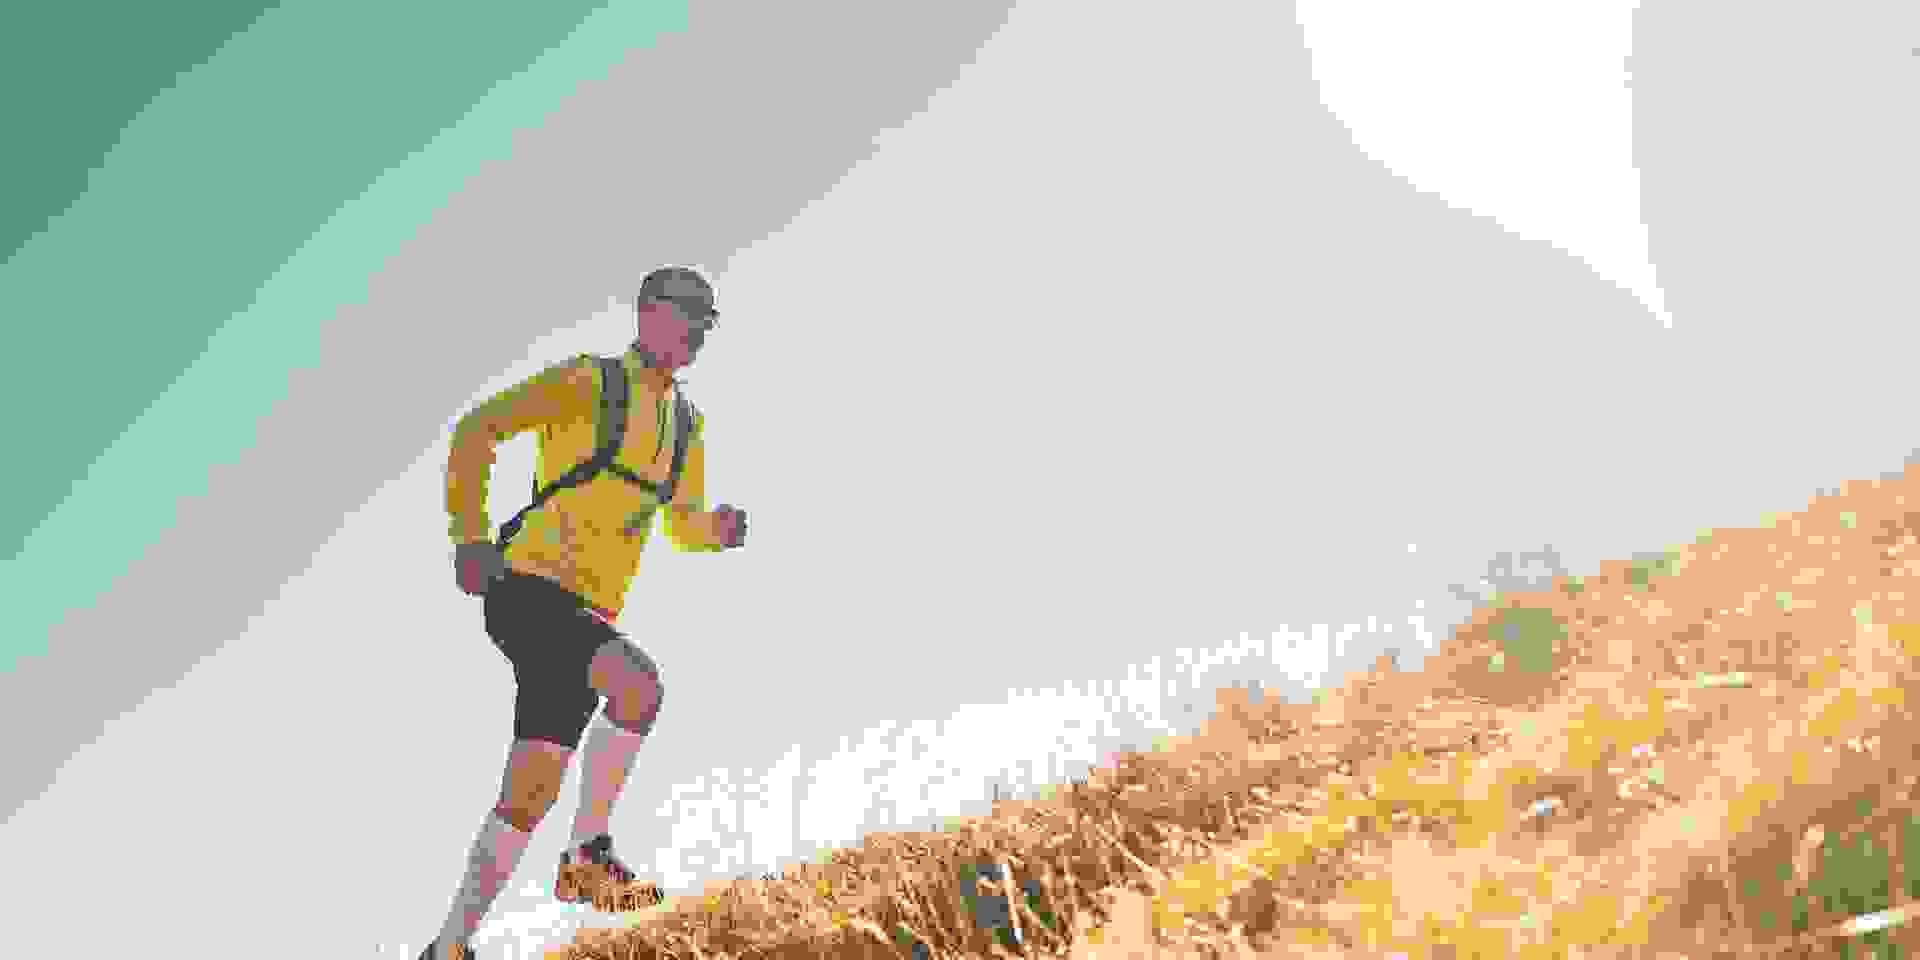 Ein Mann in schwarzer kurzer Hose und gelbem Trainingsshirt läuft beim Trailrunning eine Bergwiese hinauf.